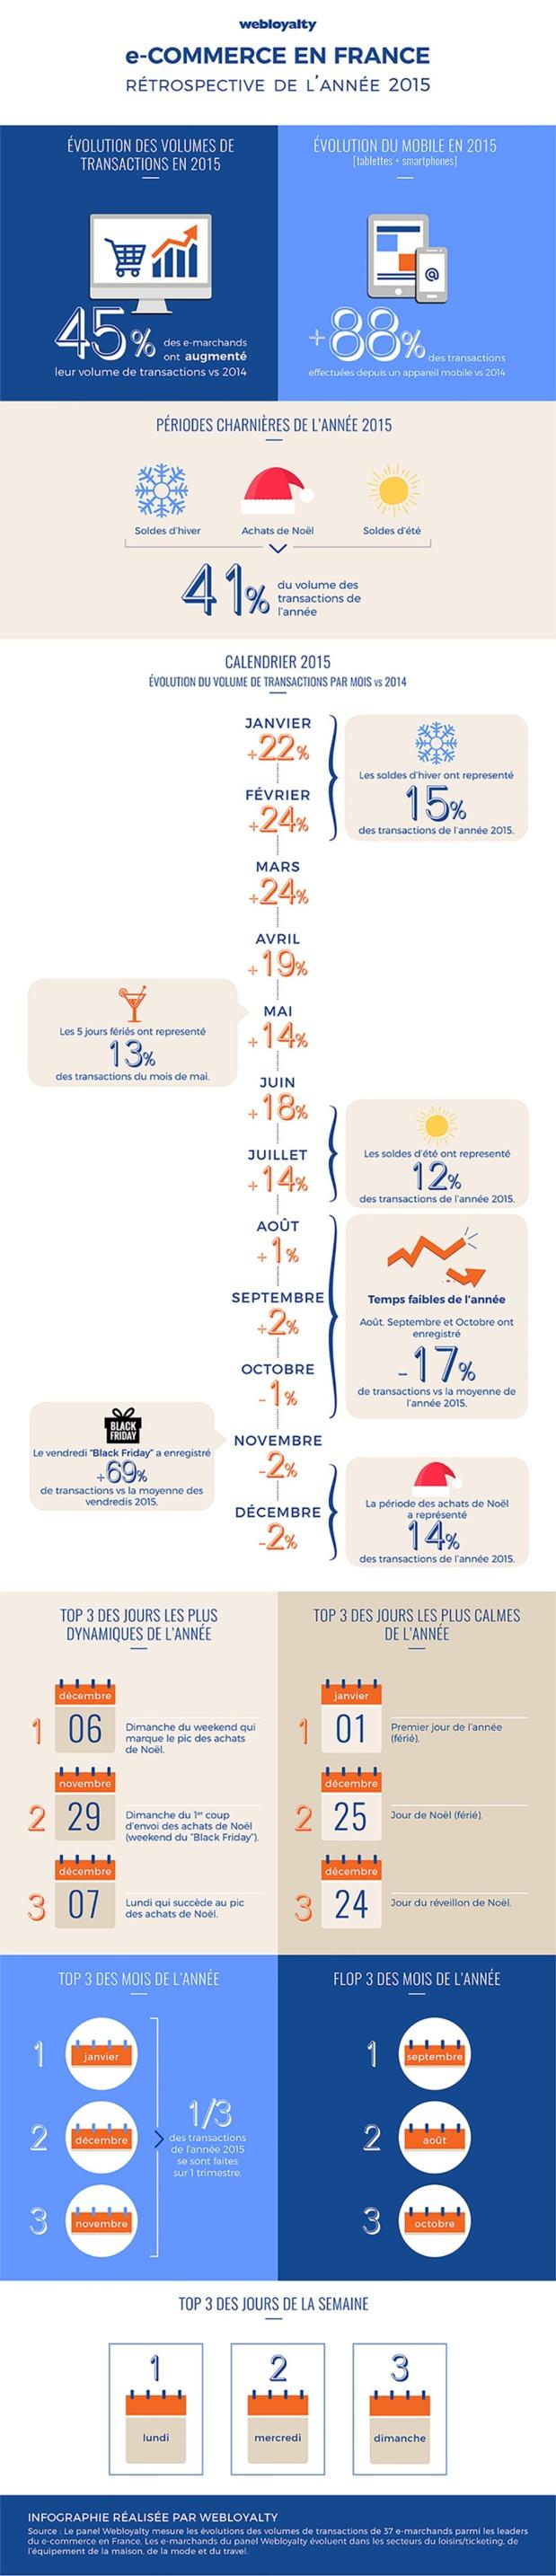 Achats en ligne : les transactions via les mobiles explosent en 2015 (+88%)